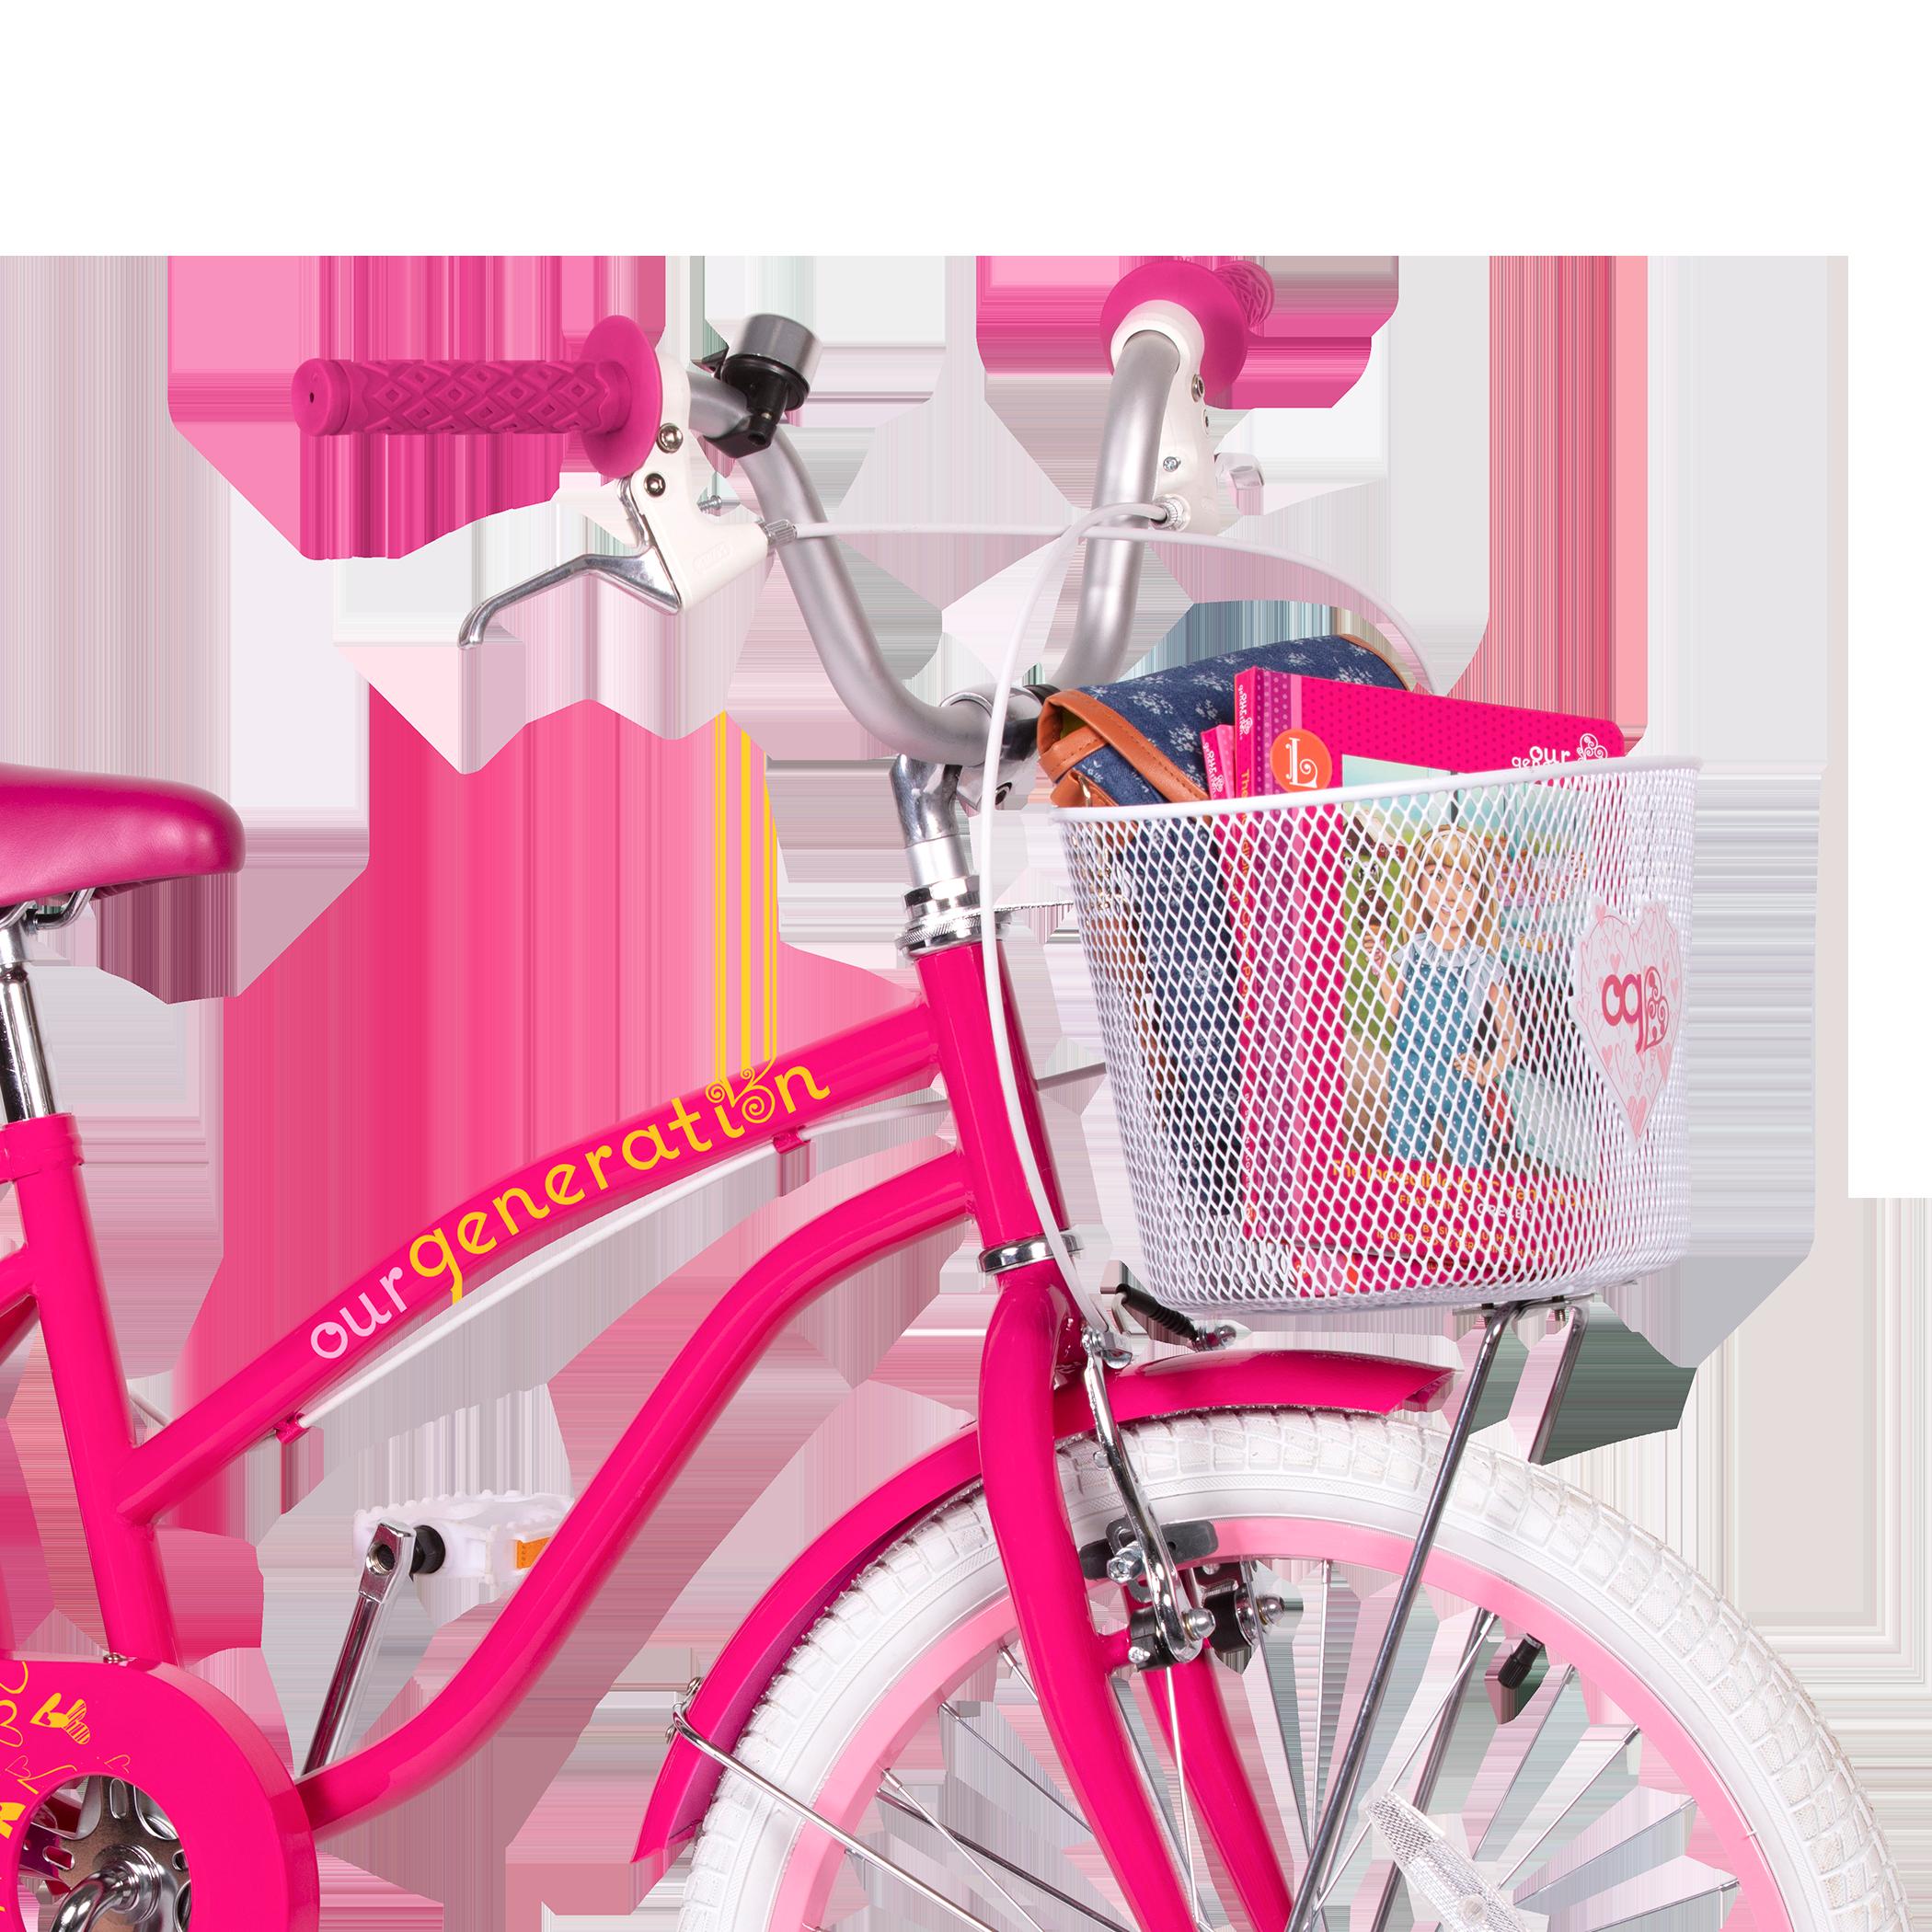 OG Bicycle for kids front basket holding books02